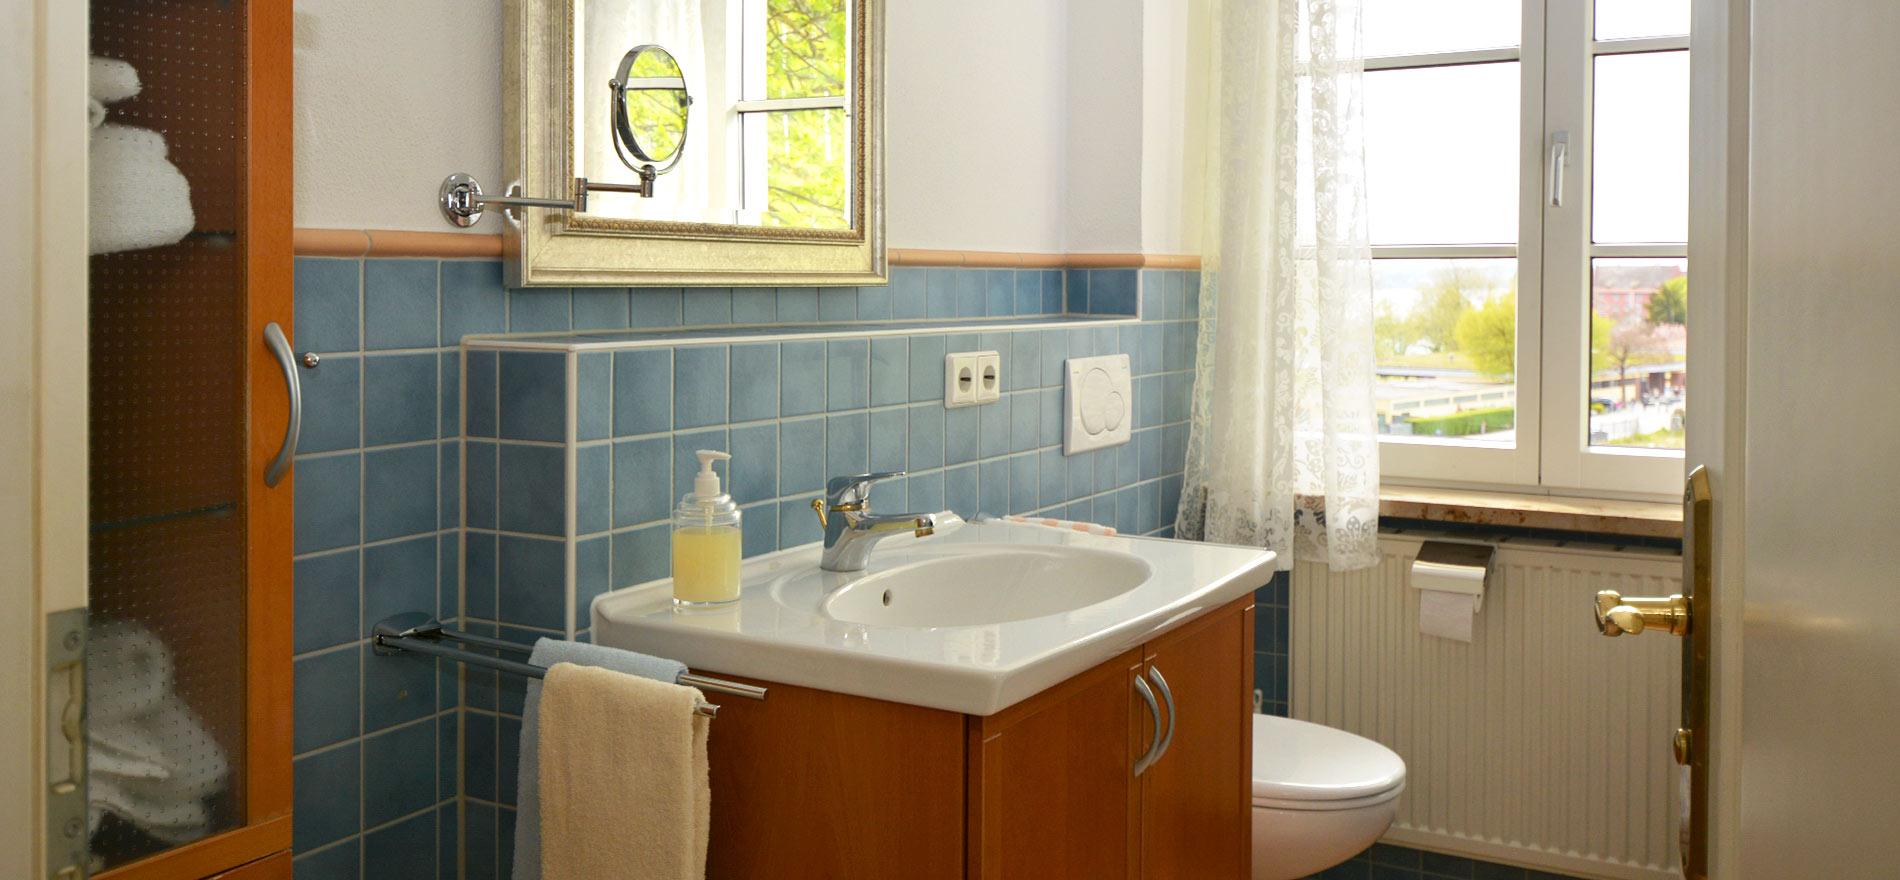 Ferienwohnung Pfarrhaus in Meersburg - Wohnung 5 5